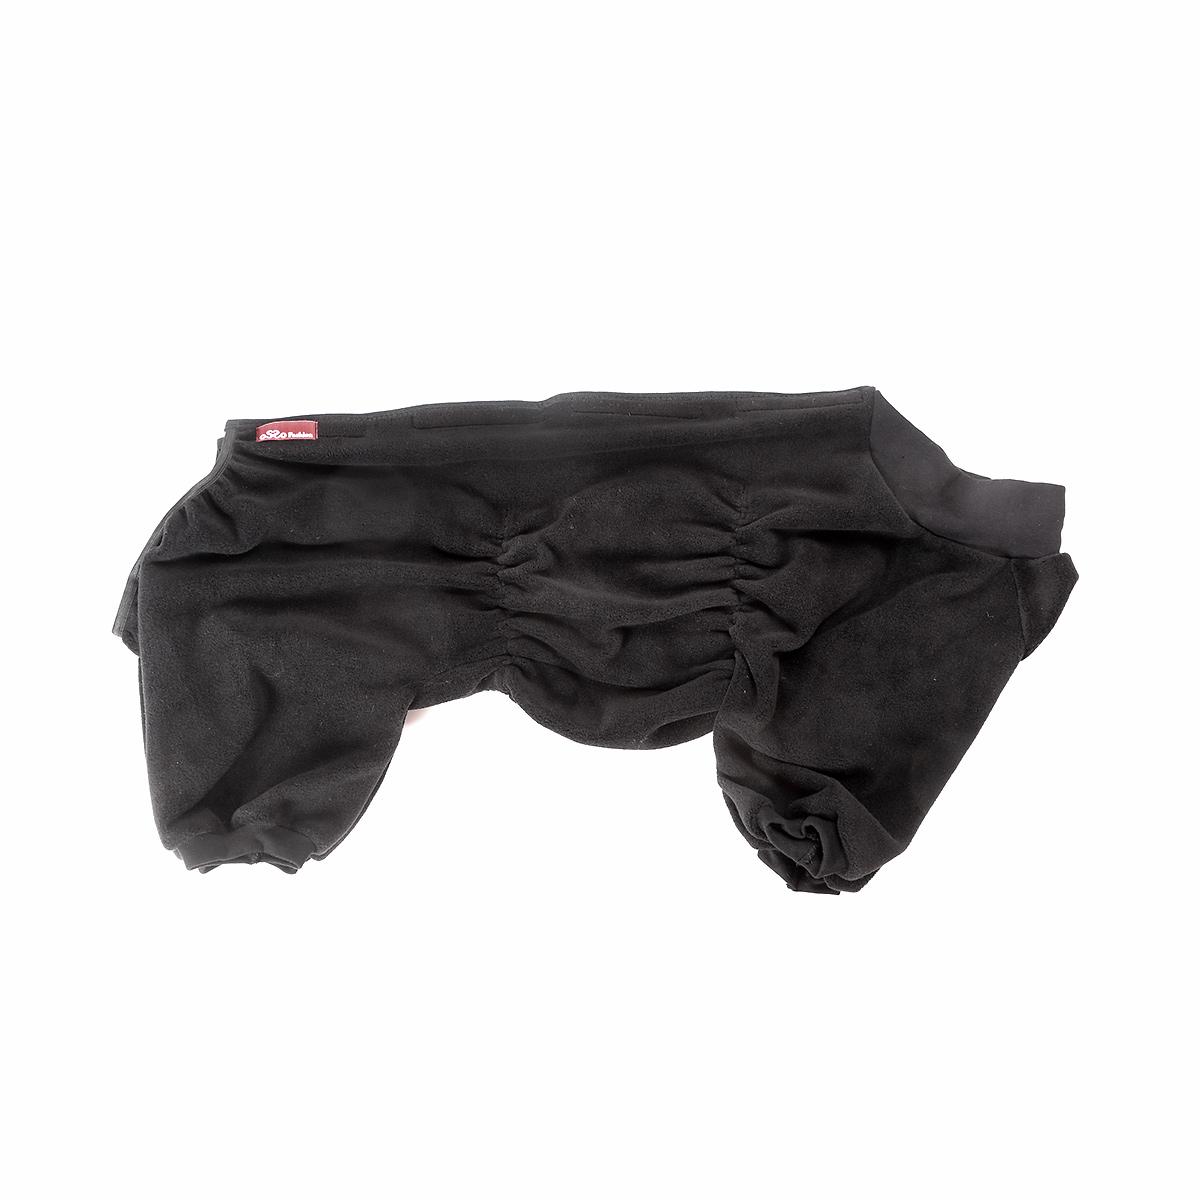 Комбинезон для собак OSSO Fashion, для мальчика, цвет: графит. Размер 450120710Комбинезон для собак OSSO Fashion выполнен из флиса. Комфортная посадка по корпусу достигается за счет резинок-утяжек под грудью и животом. На воротнике имеются завязки, для дополнительной фиксации. Можно носить самостоятельно и как поддевку под комбинезон для собак. Изделие отлично стирается, быстро сохнет.Длина спинки: 45 см.Объем груди: 56-66 см.